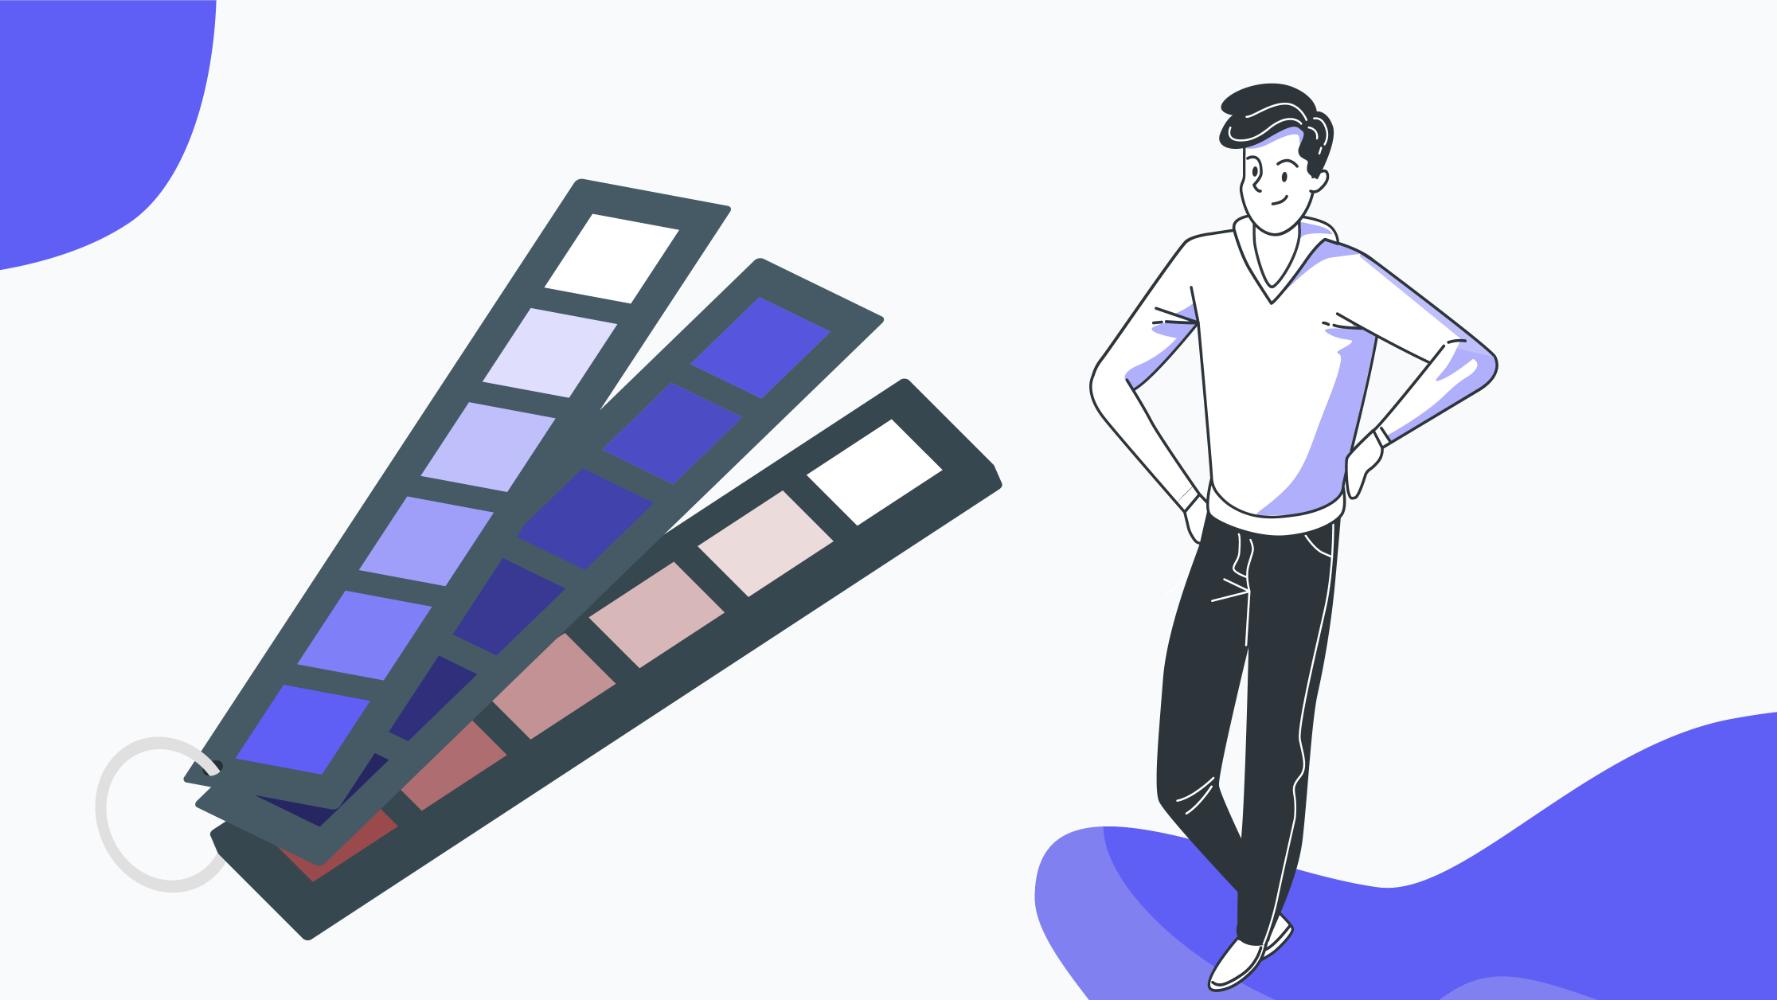 چگونه بهترین رنگ ها را برای ارائه های خود انتخاب کنید |  نکات سریع و آموزش برای ارائه های خود